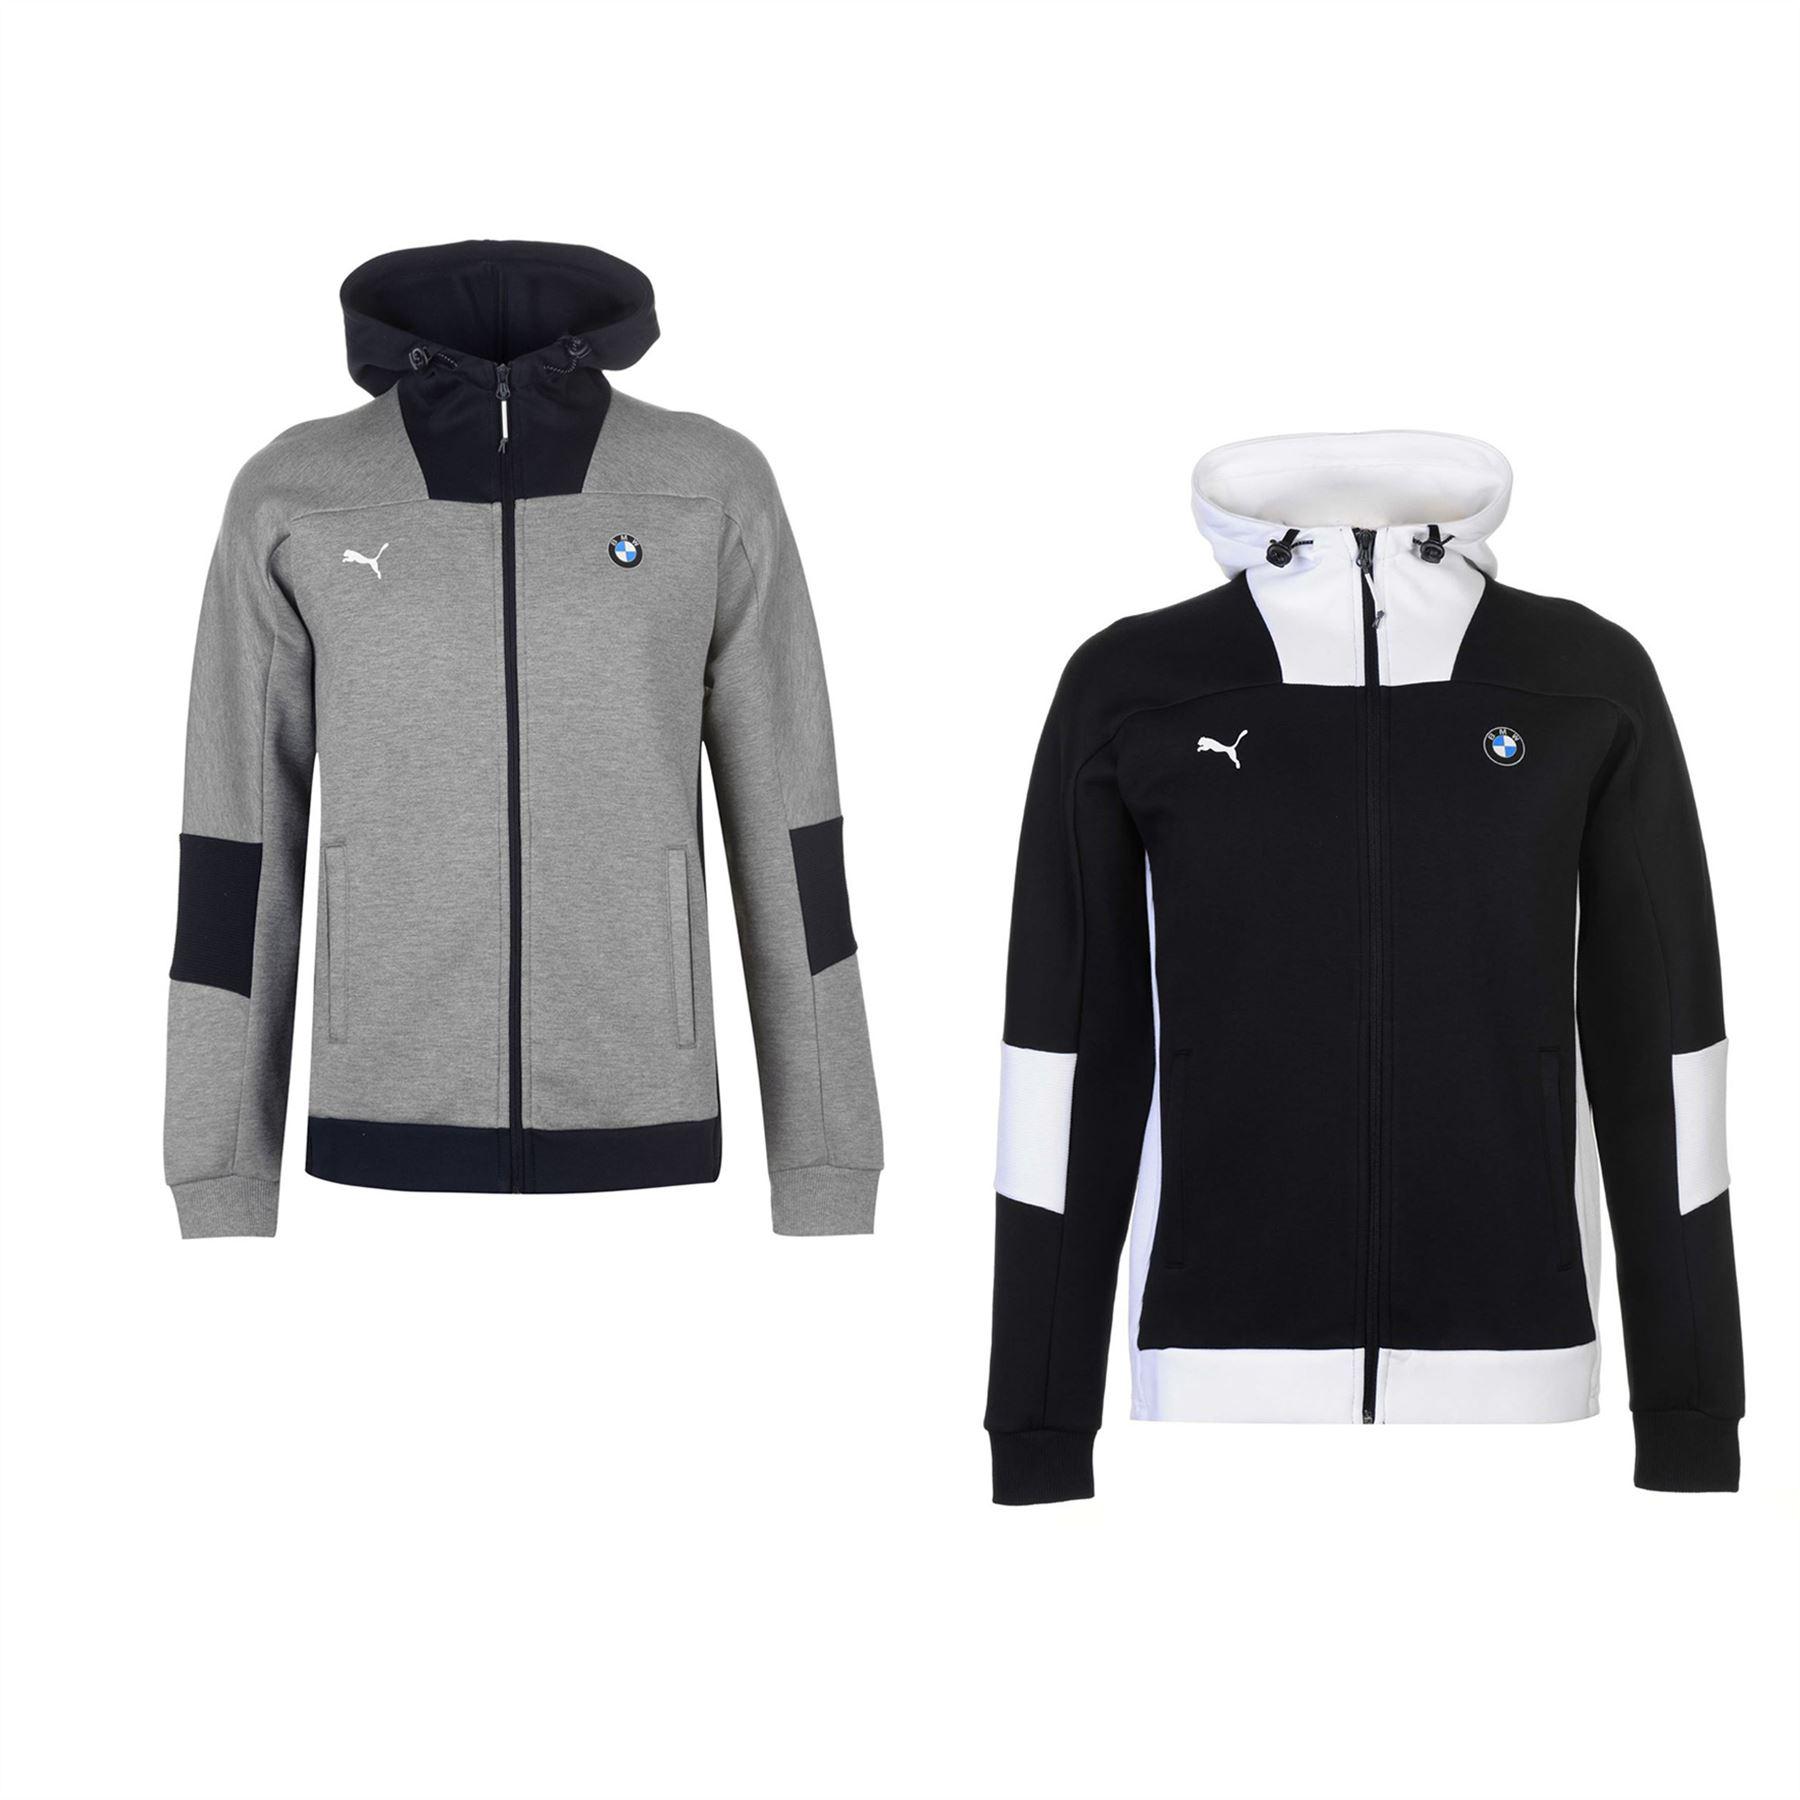 f6ea76d33bf7 ... Puma BMW Motorsport Full Zip Hoody Jacket Mens Hoodie Sweatshirt  Sweater Top ...